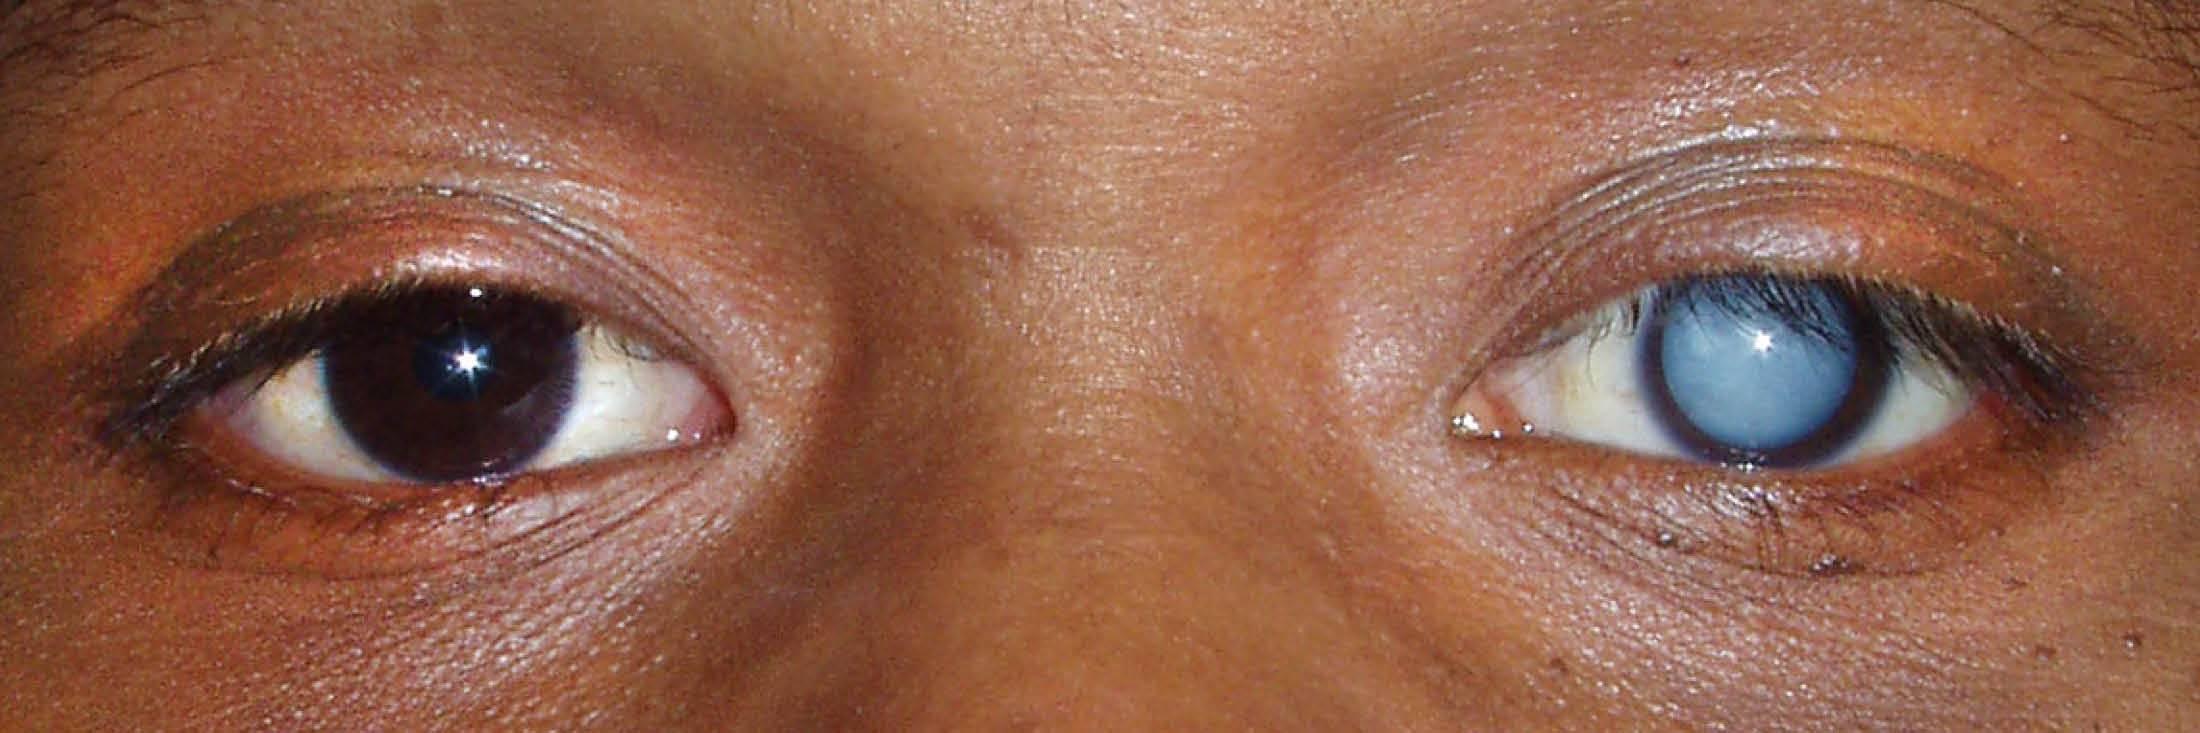 Ядерная катаракта у пожилых людей: что это такое, причины, симптомы различных видов, лечение бурой и старческой форм заболевания, профилактика